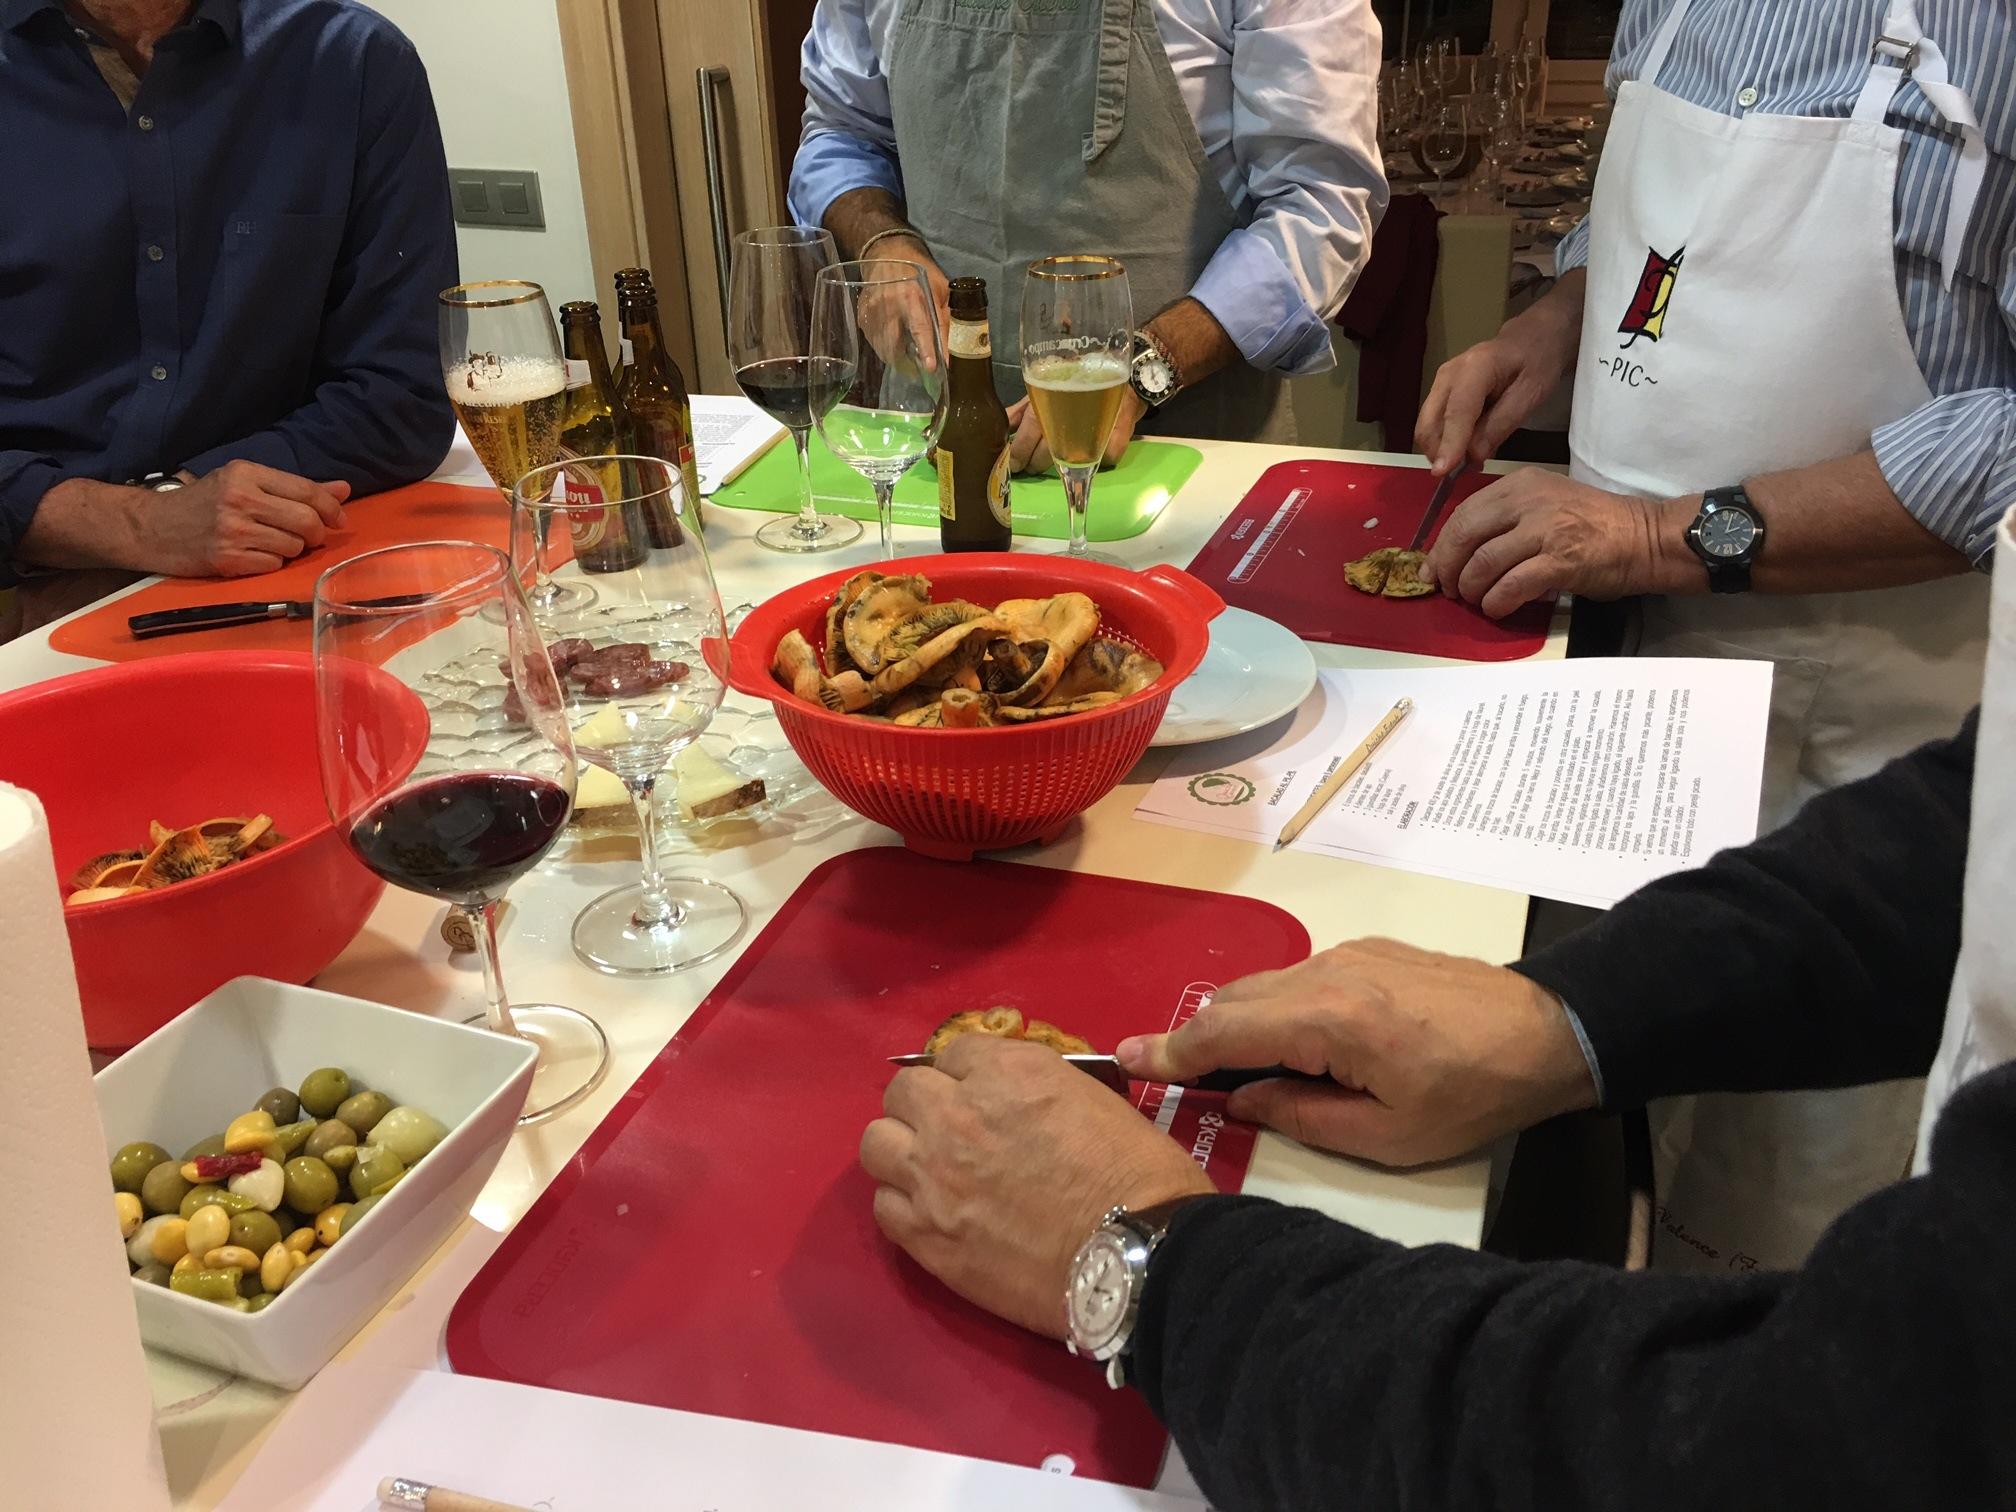 En la foto: Para celebrar el cumpleaños de Angel, realizamos un showcooking en su casa en el que todos los hombres aprendieron a cocinar la cena. Las mujeres llegaron a mesa puesta. Planazo!!!